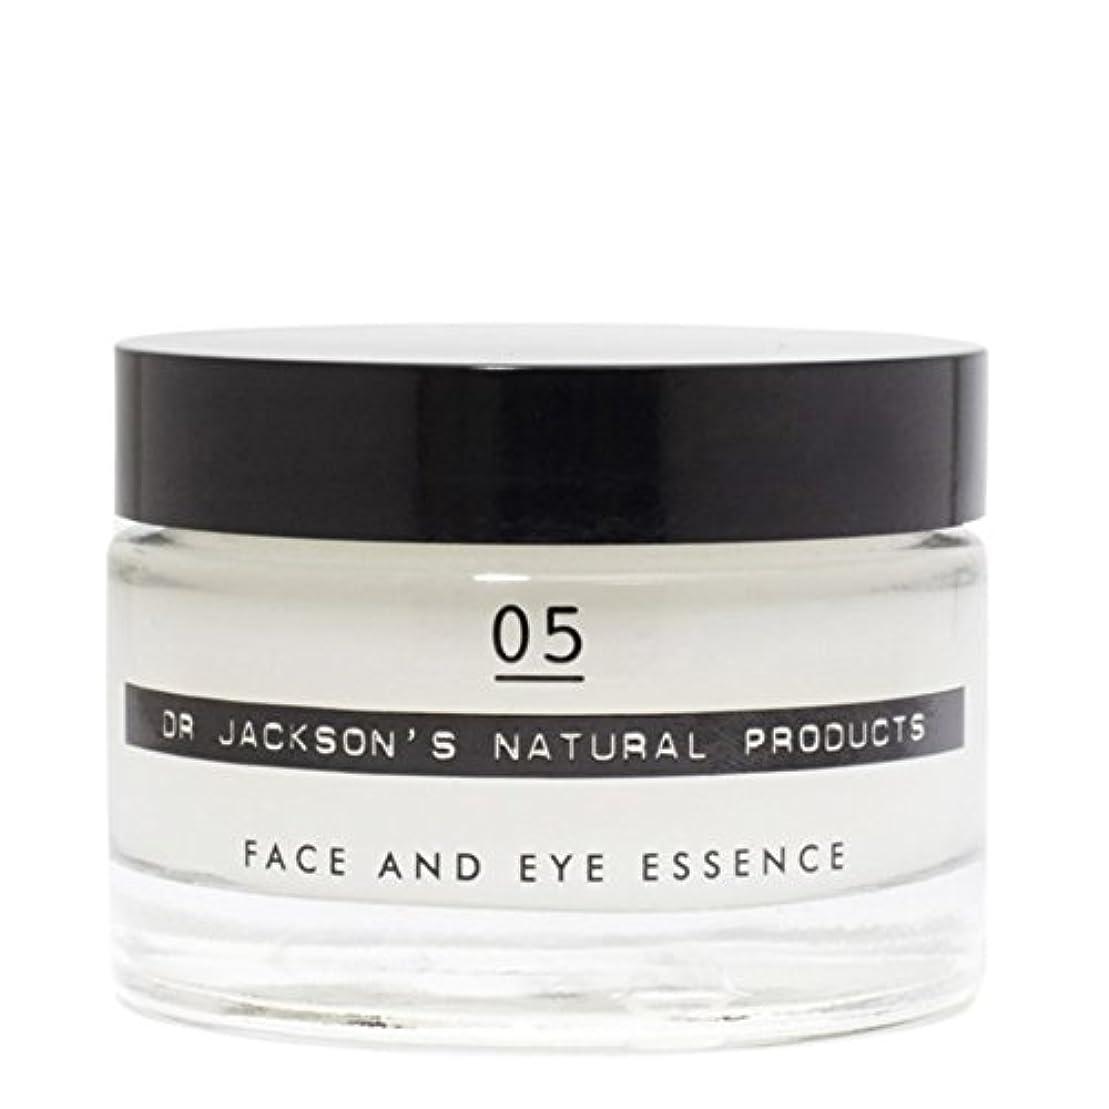 折り目動作せがむジャクソンの05顔や目の本質50ミリリットル x4 - Dr Jackson's 05 Face and Eye Essence 50ml (Pack of 4) [並行輸入品]